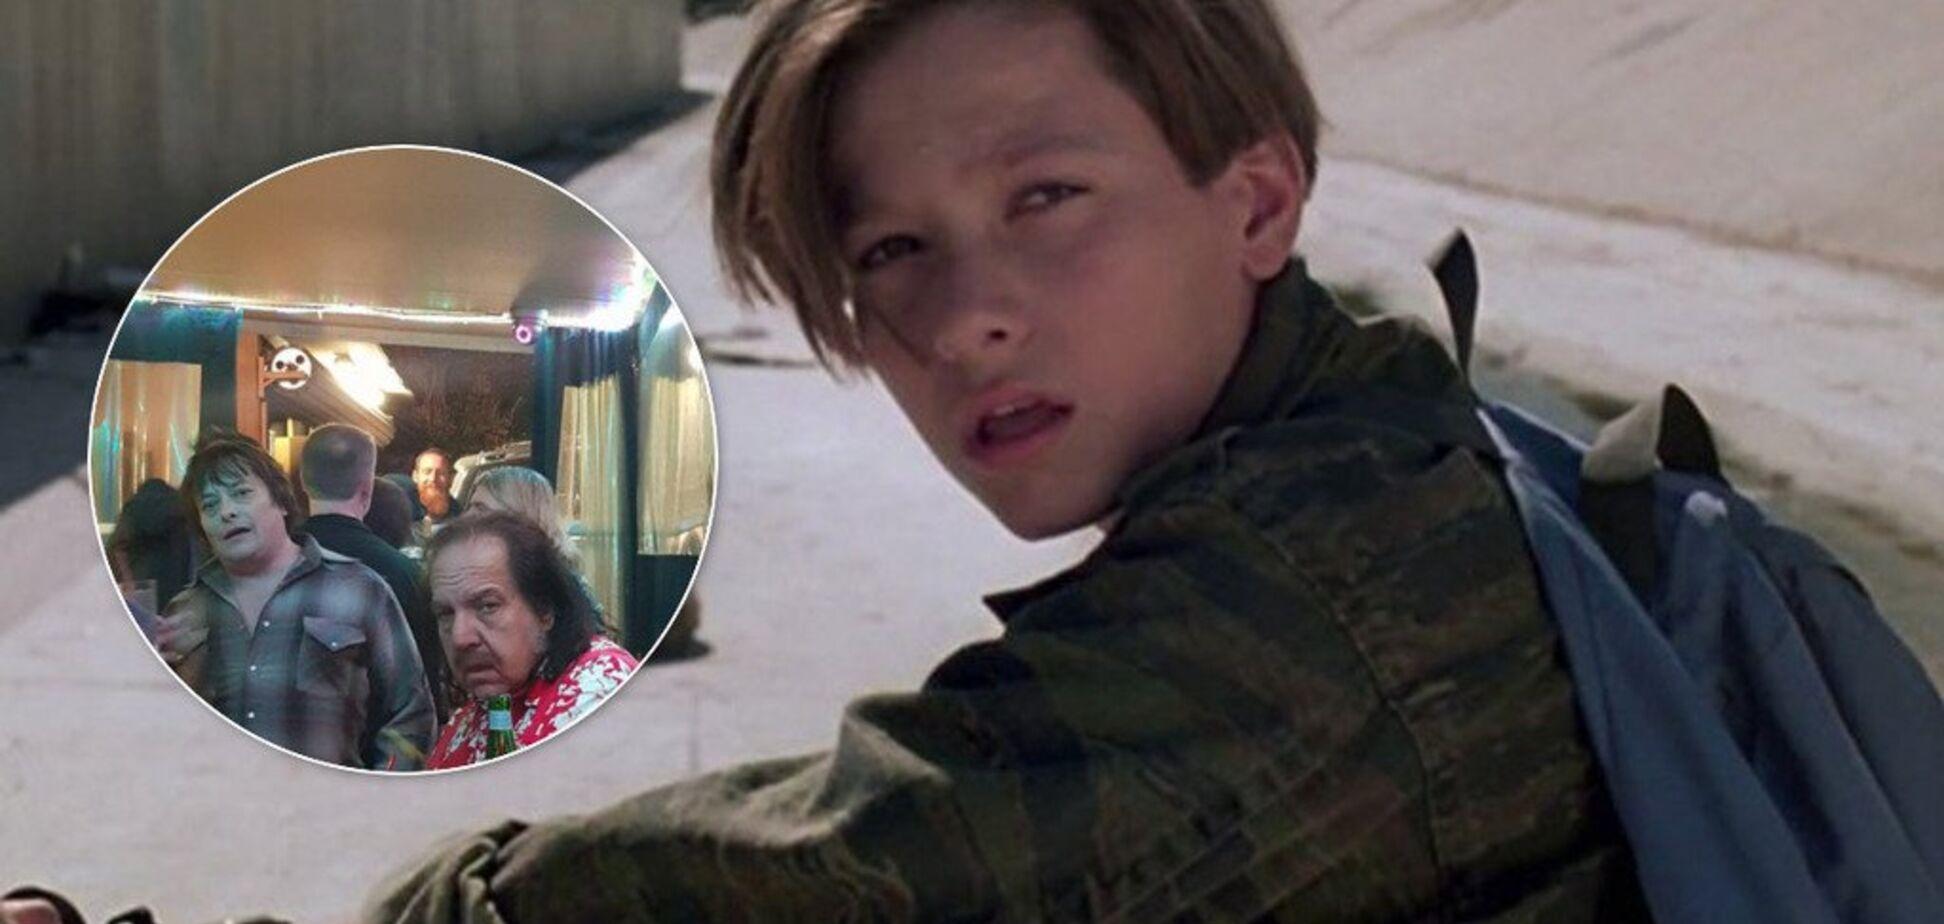 Мальчика из 'Терминатора 2' не узнать: как сейчас выглядит актер